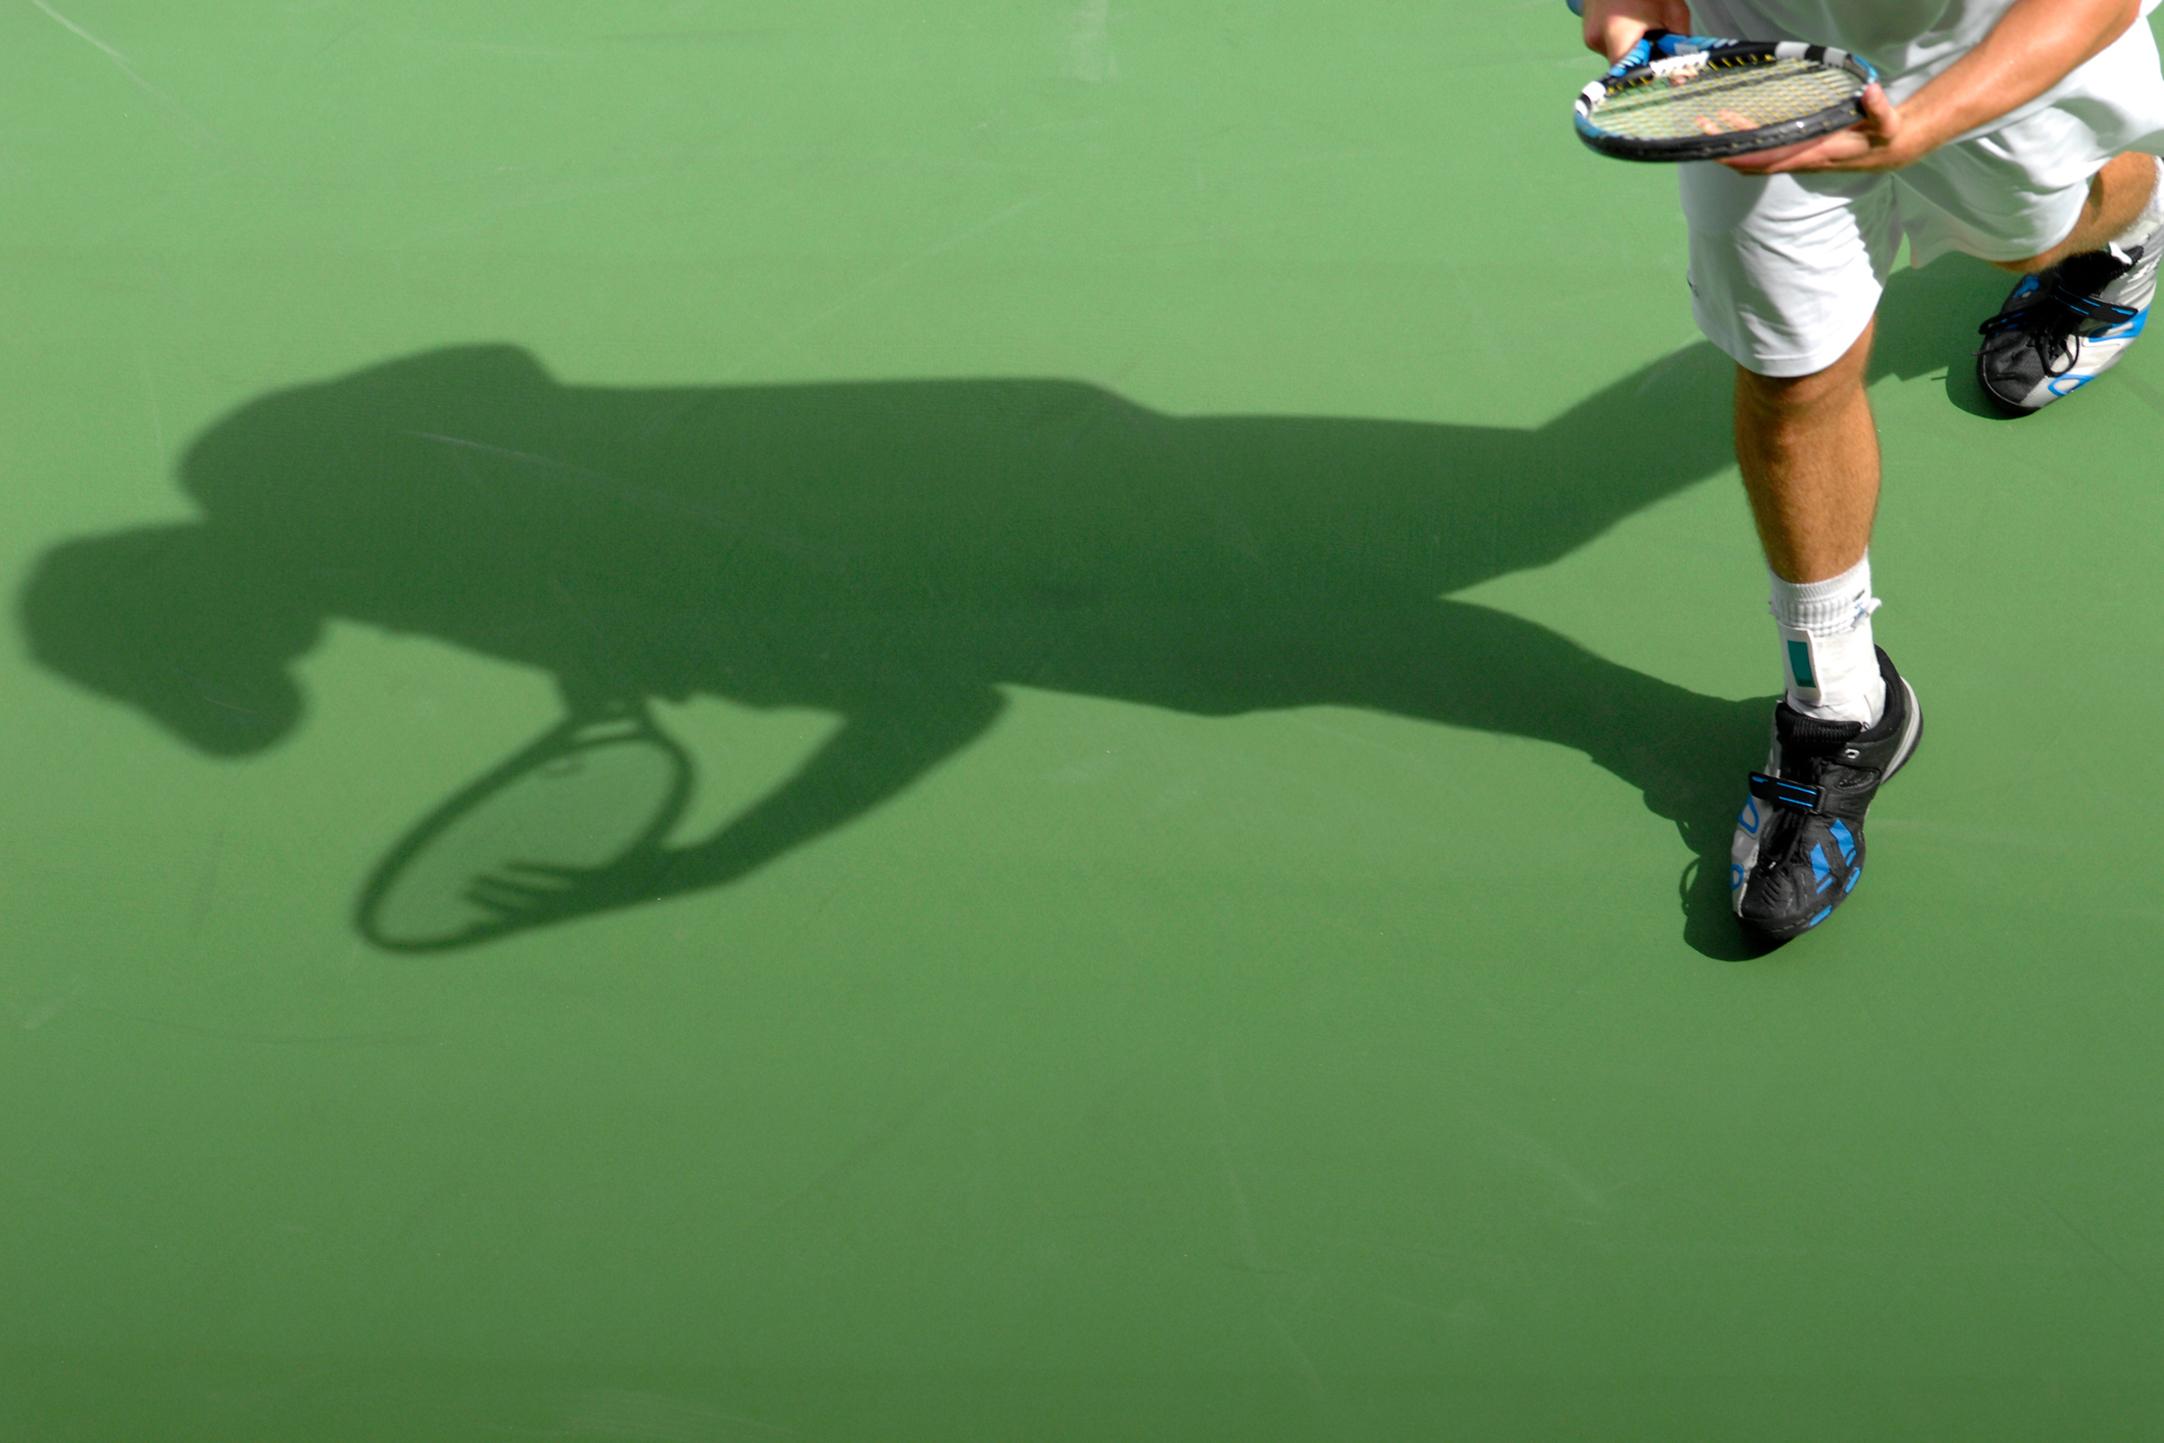 man on tennis court